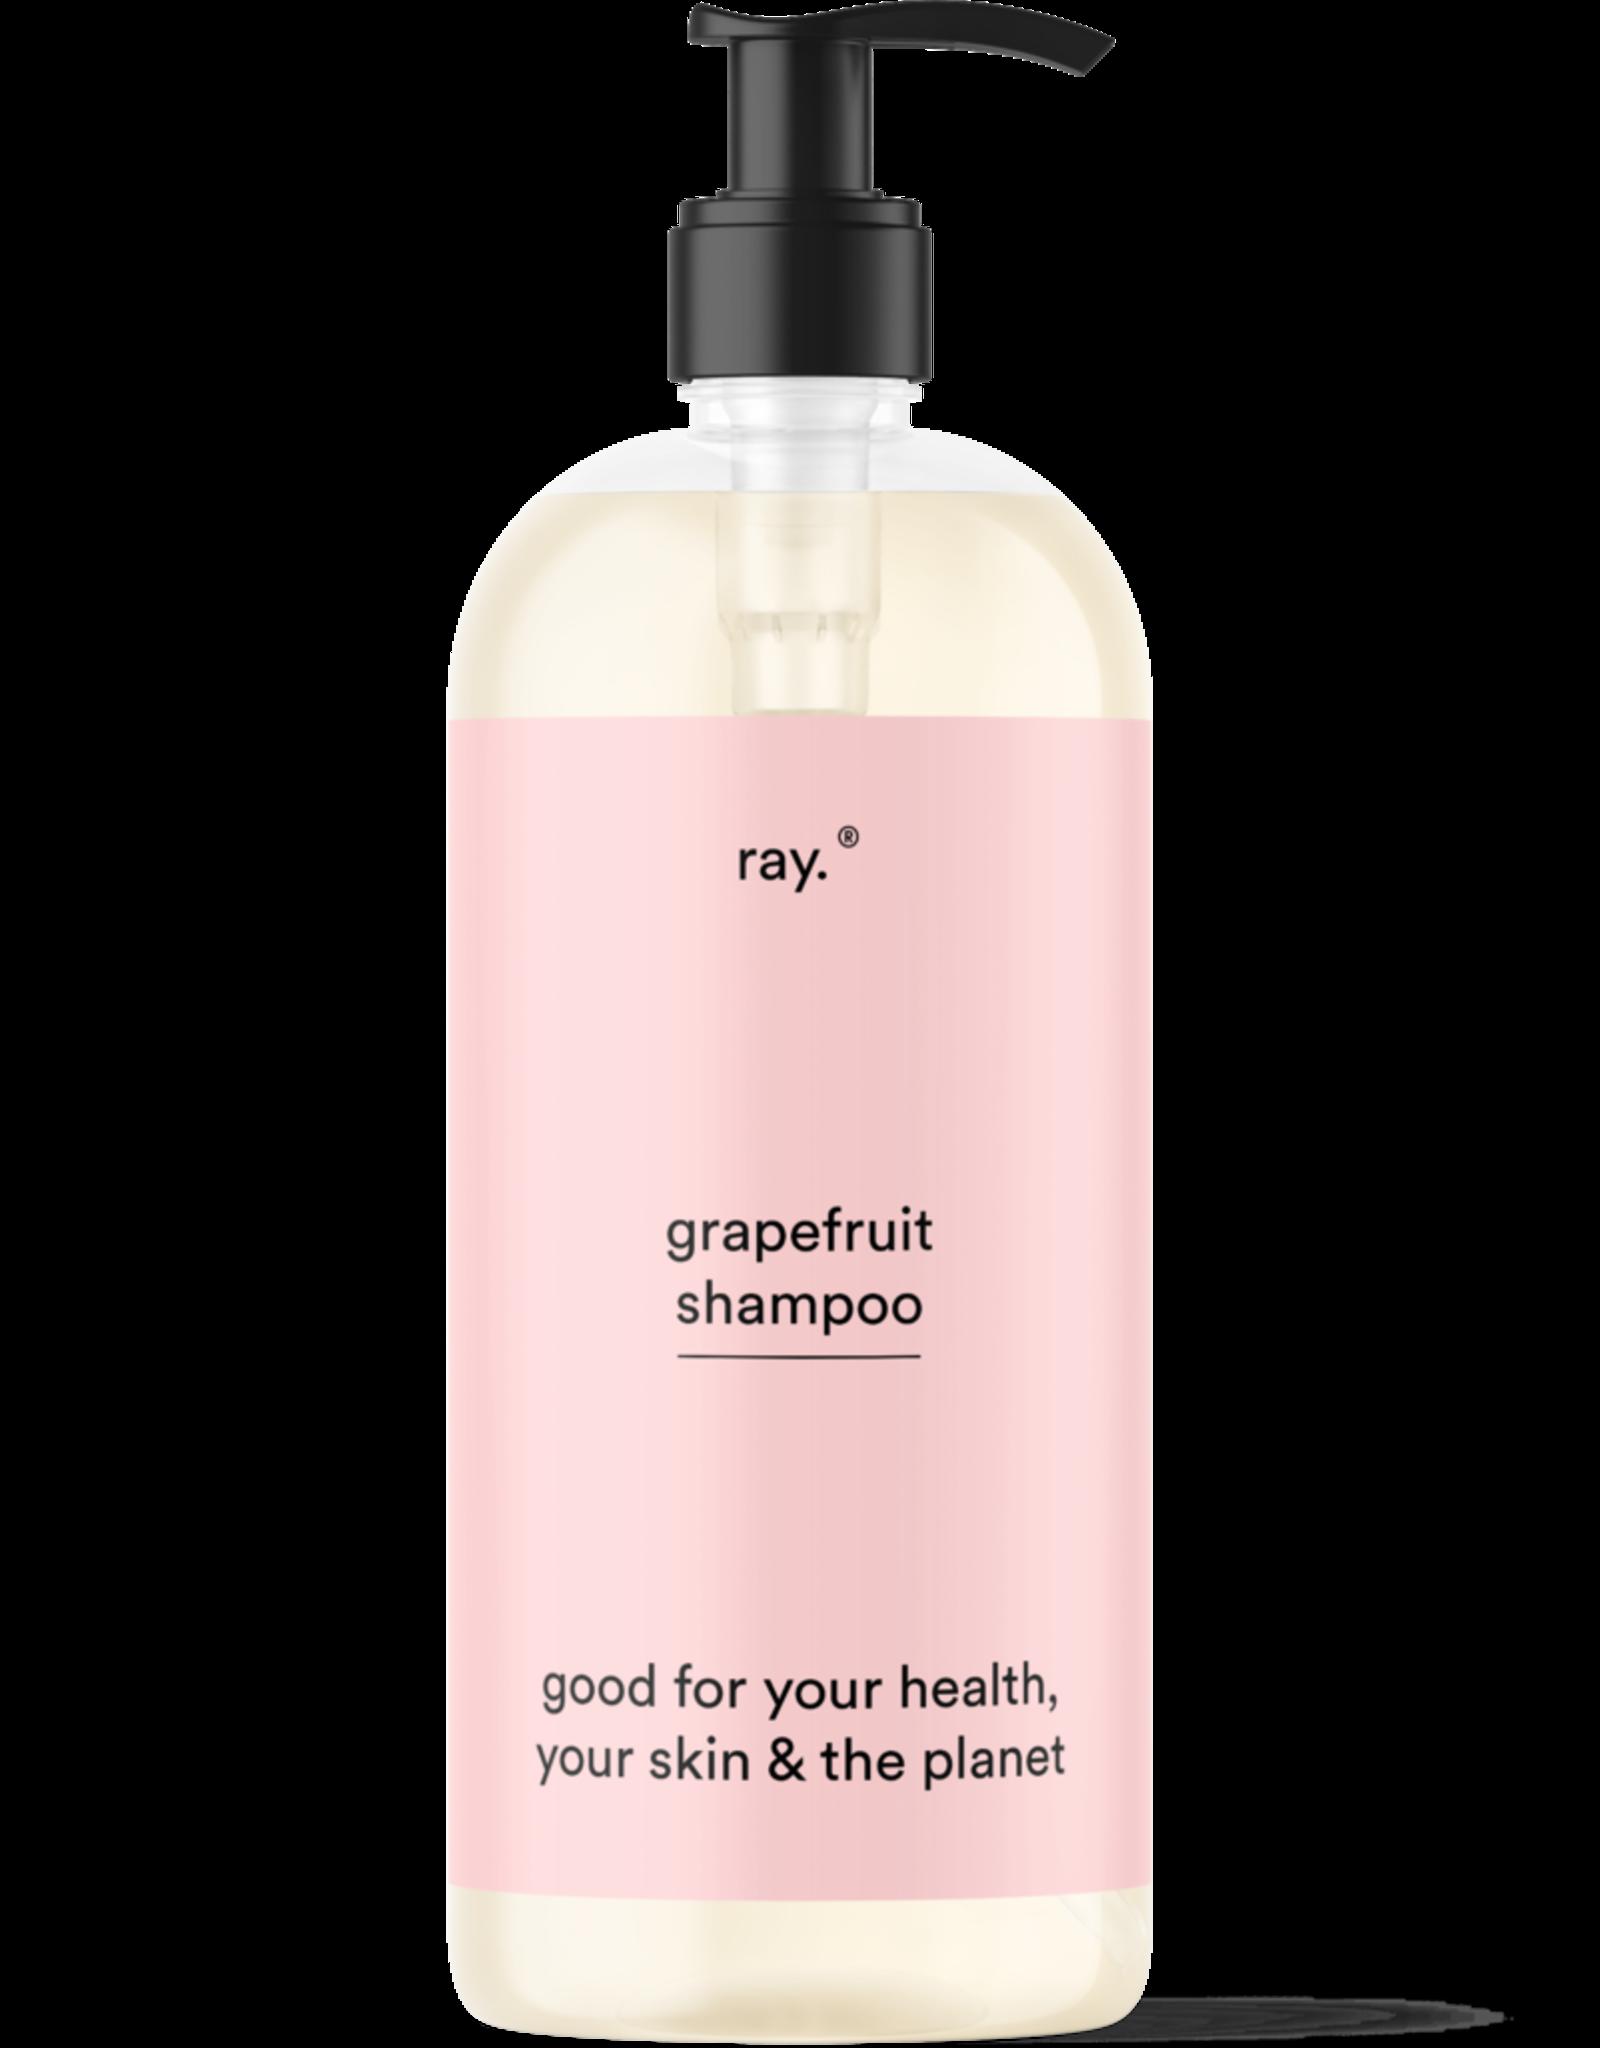 ray Shampoo - 500ml - Grapefruit